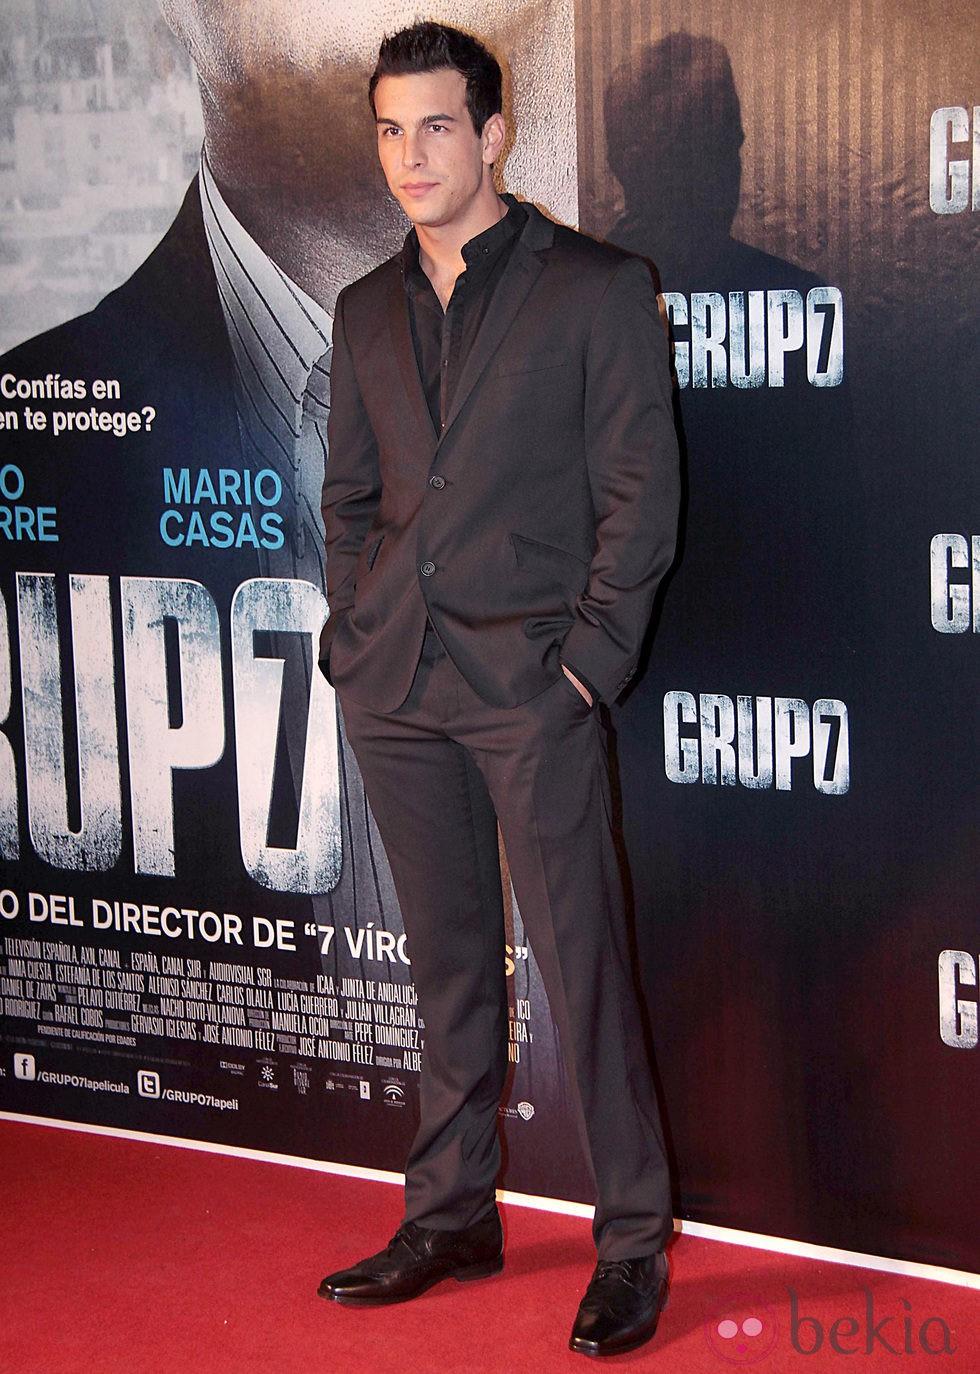 Mario Casas en la premiere de 'Grupo 7' en Sevilla